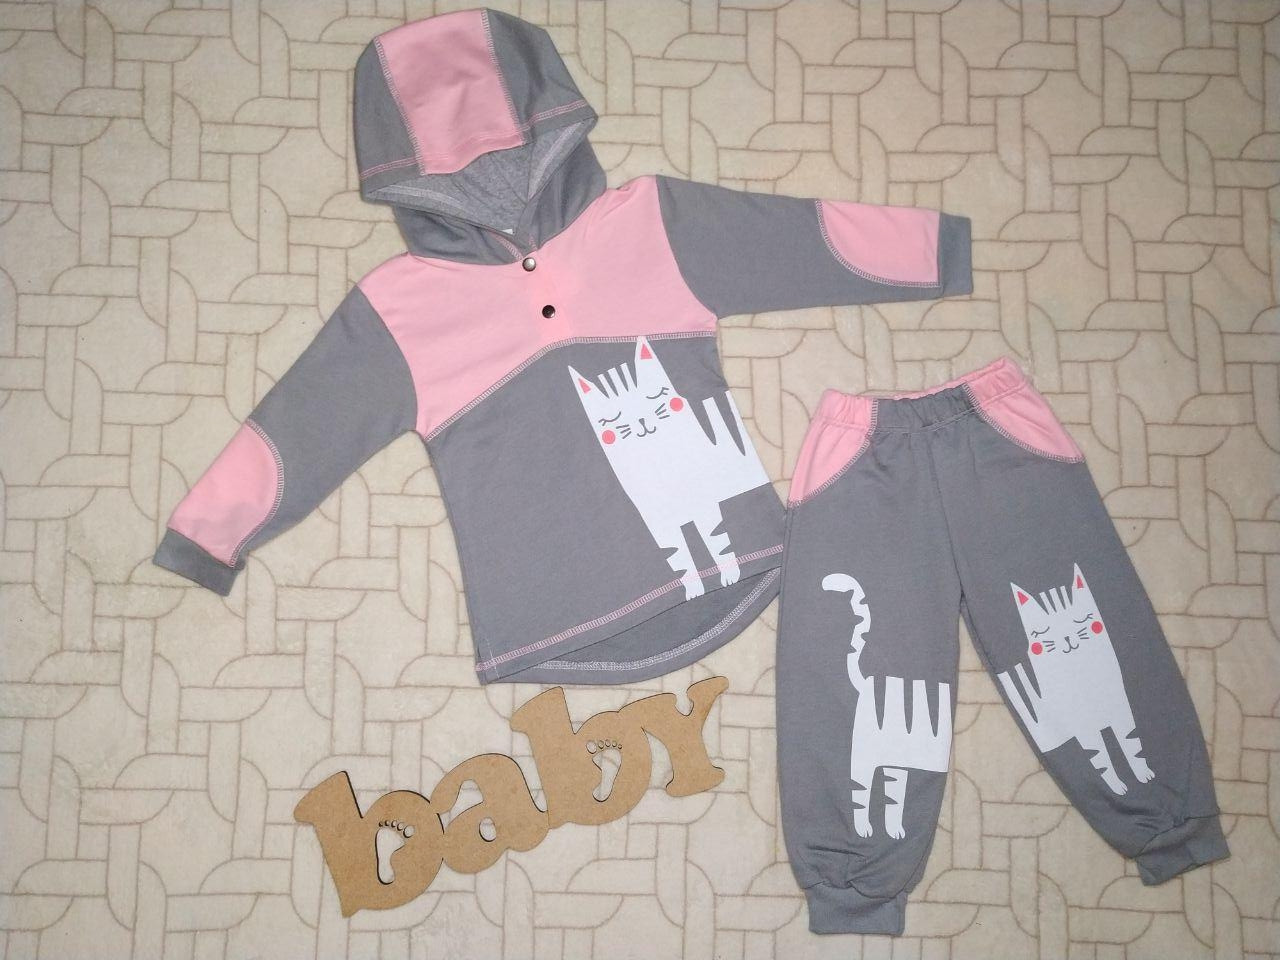 056cbddf7914c Спортивный костюм для девочки Двунитка Размер 28(56) Спортивний костюм для  дівчинки Двунитка Розмір